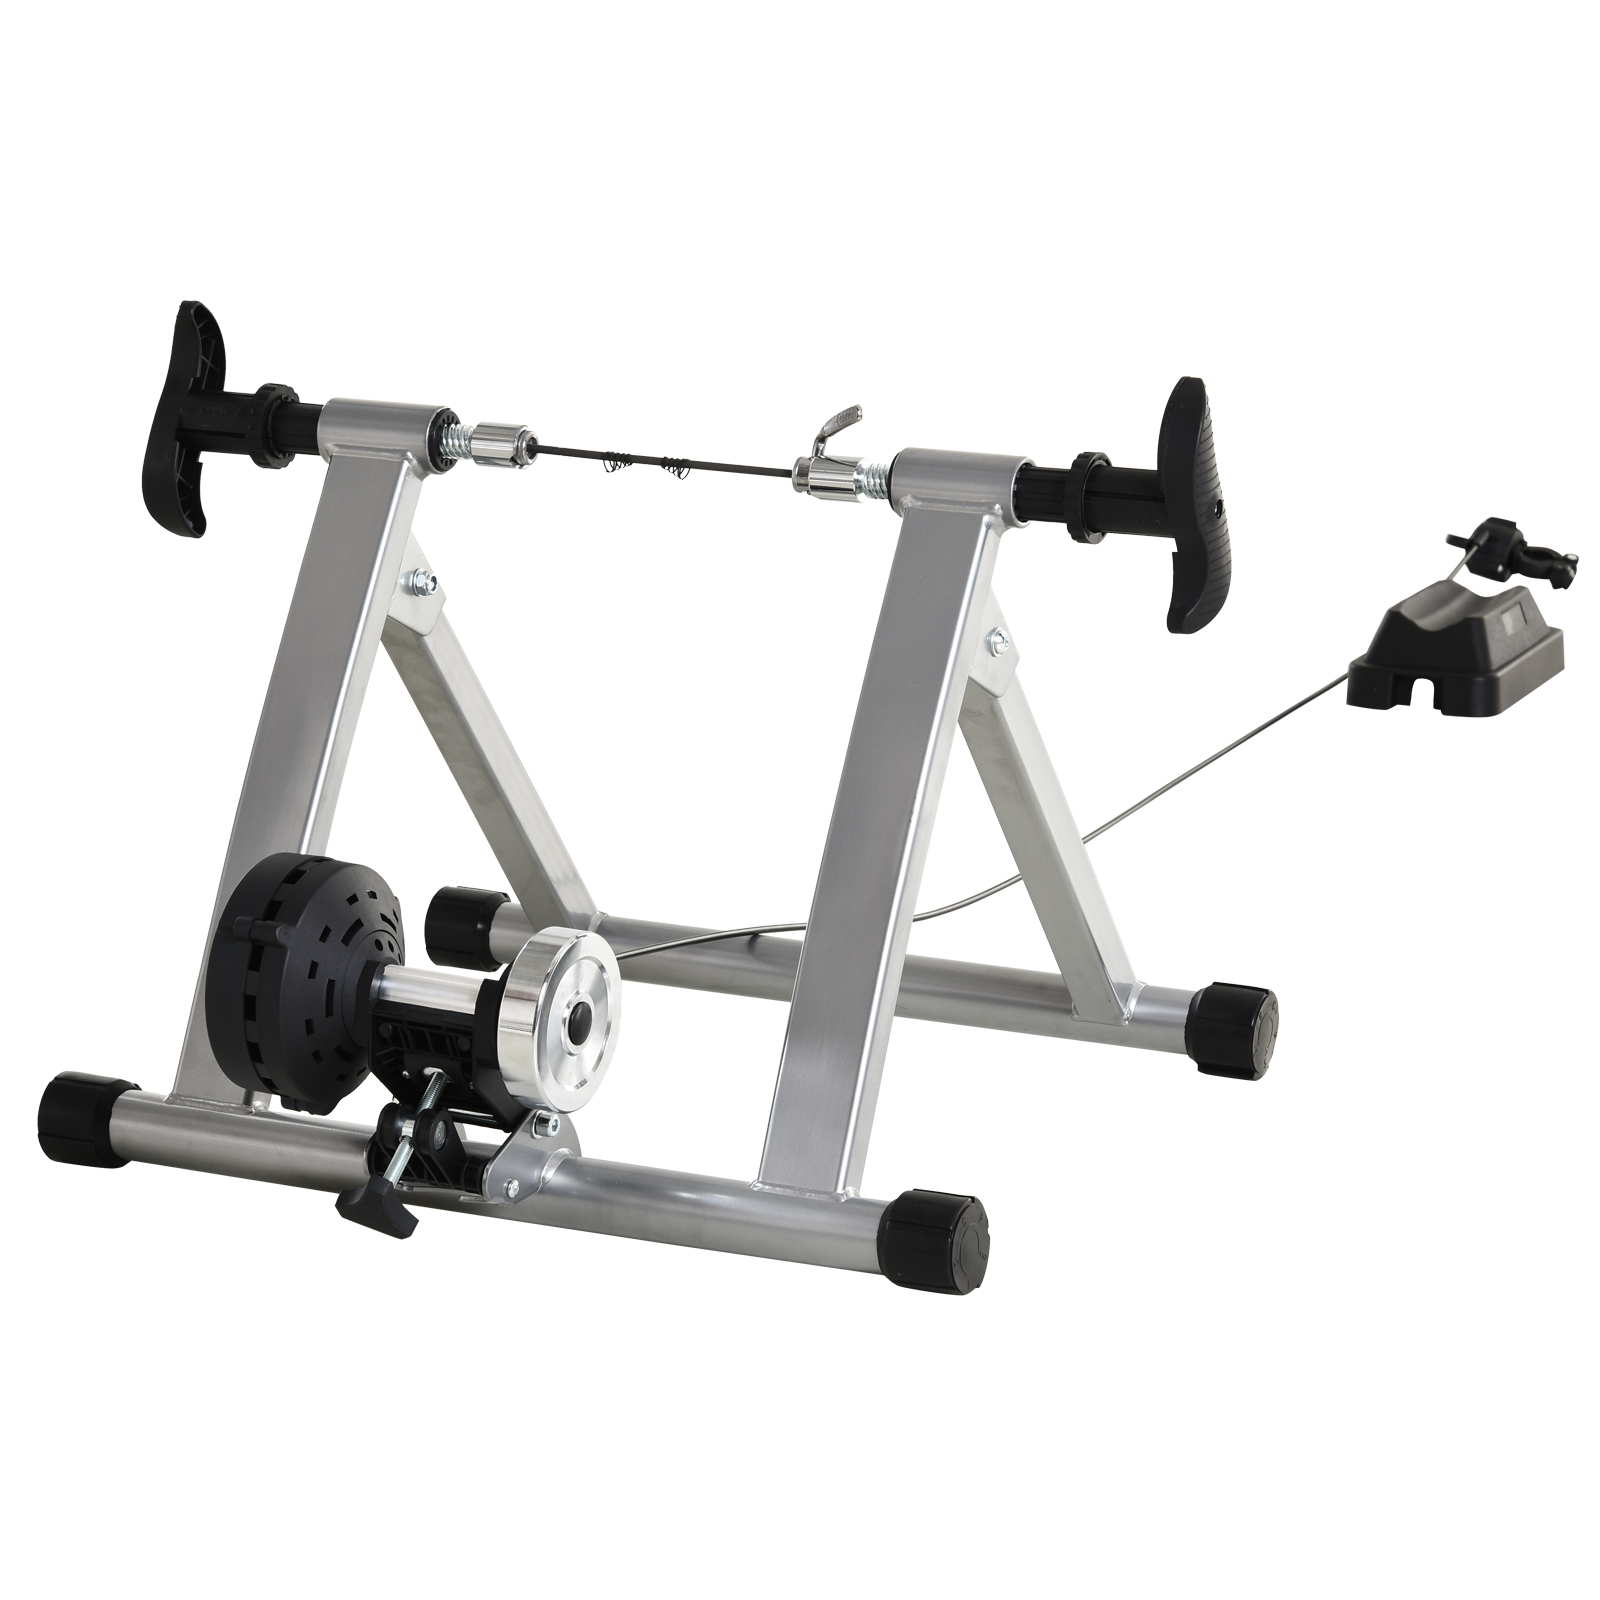 HomCom Suport rolă pentru Bicicletă Magnetic pentru Antrenament Acasă, Argintiu imagine aosom.ro